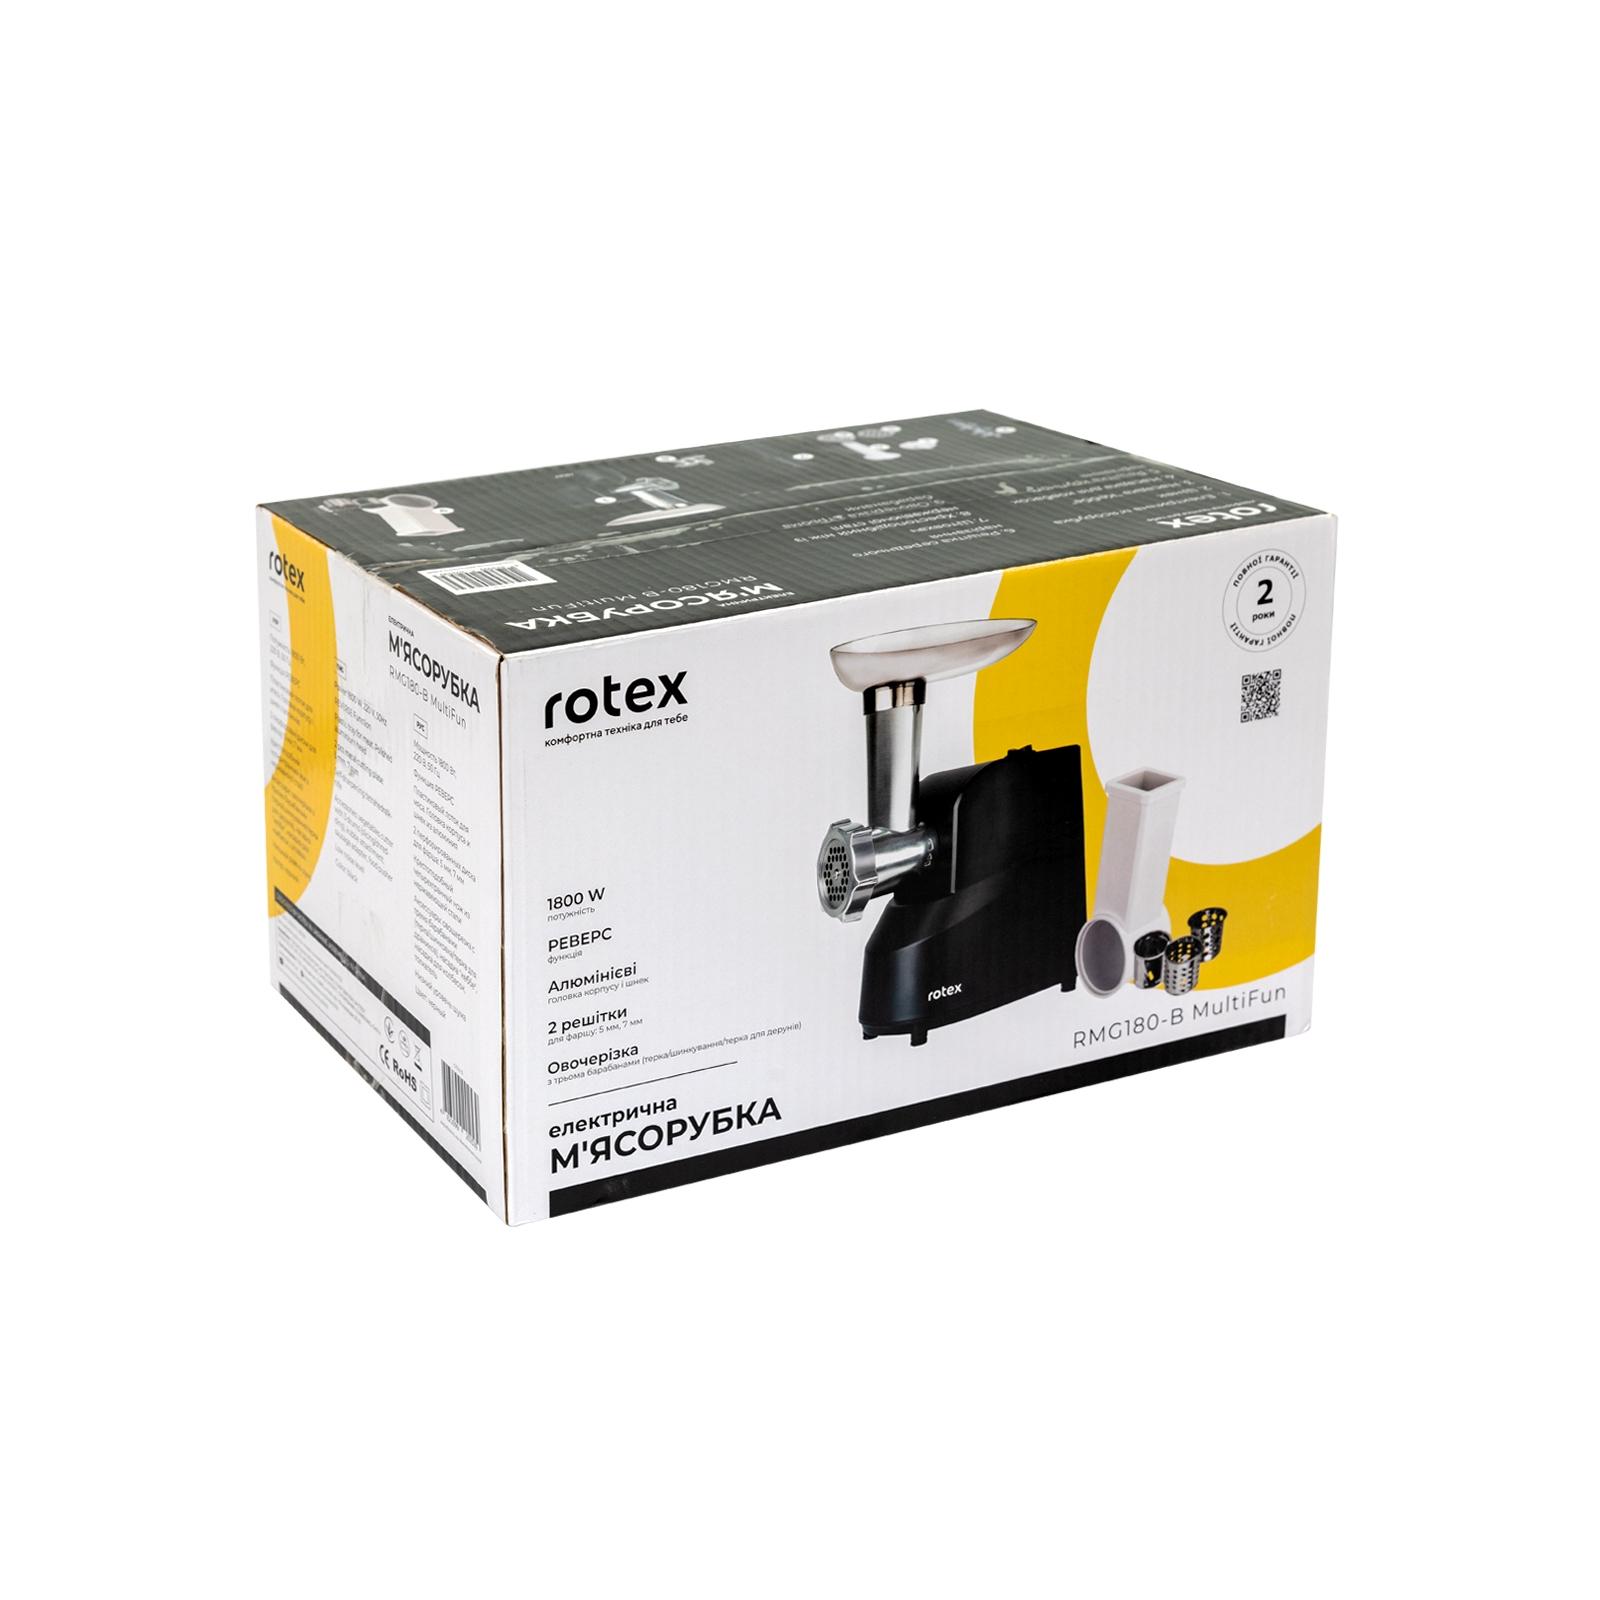 Мясорубка Rotex RMG180-B MultiFun изображение 11